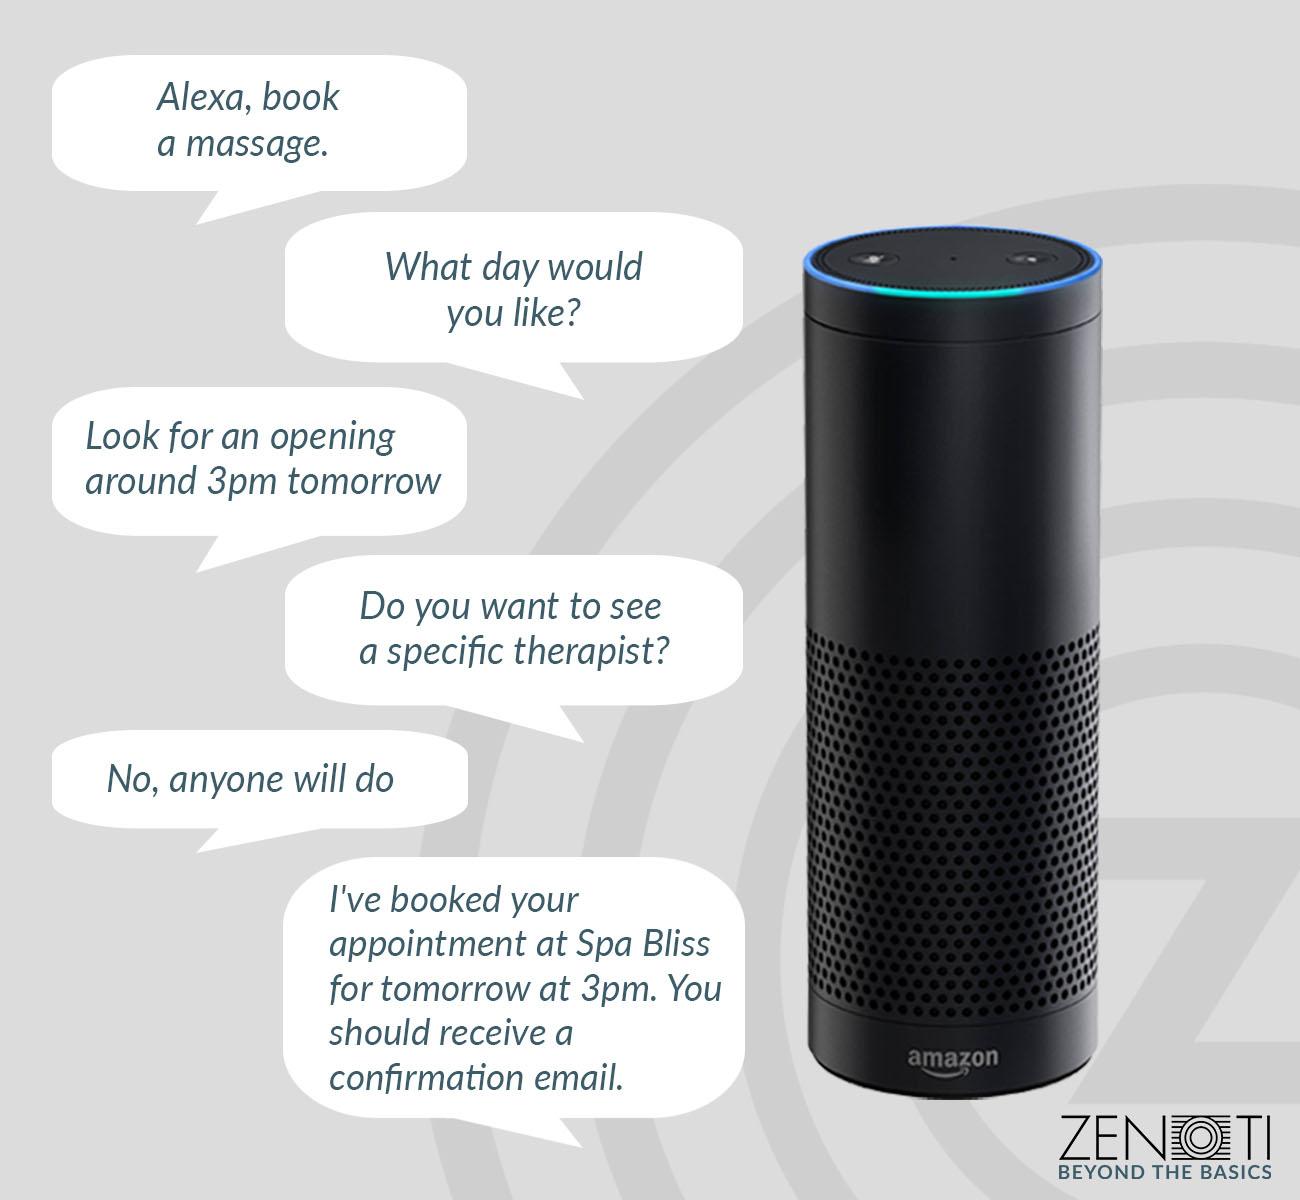 Zenoti + Amazon Echo